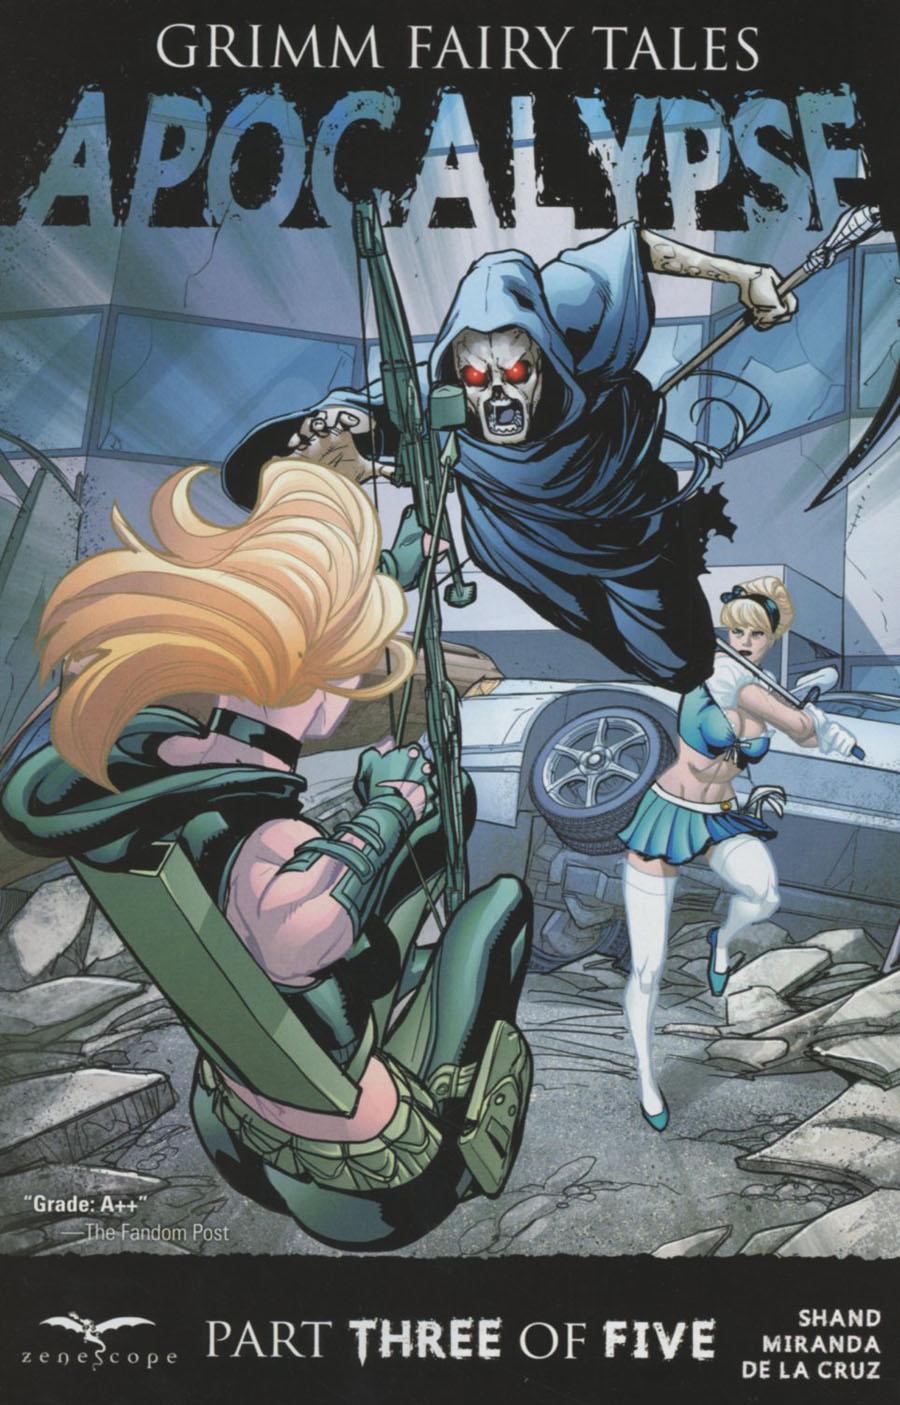 Grimm Fairy Tales Presents Apocalypse #3 Cover A Salvatore Cuffari